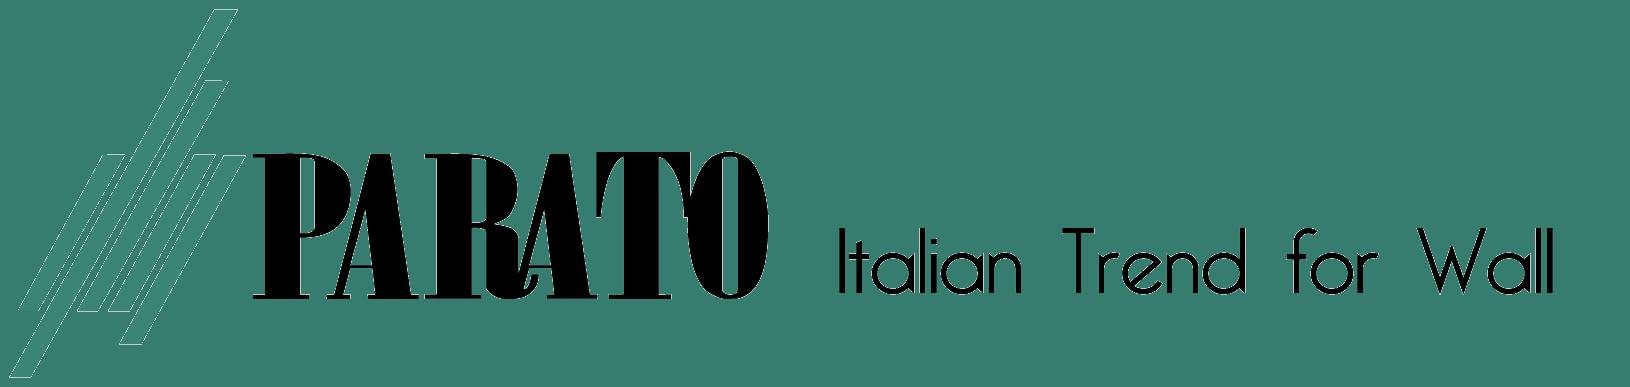 Logo PARATO Italian Trend for Wall